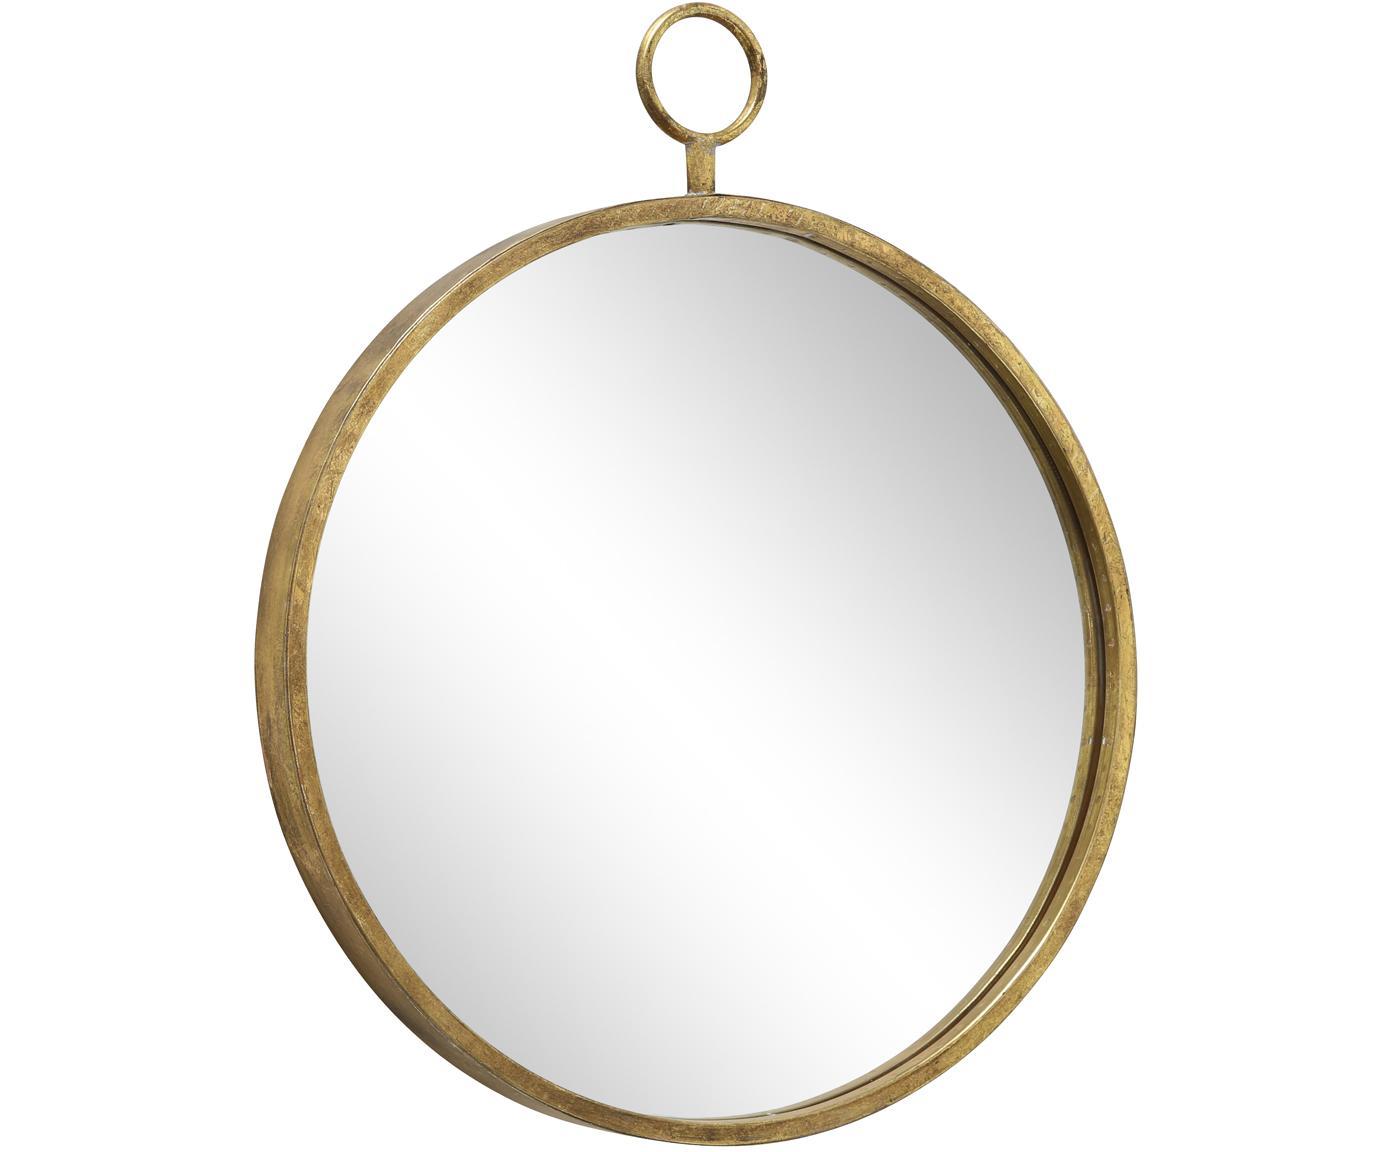 Okrągłe lustro ścienne Prado, Metal, szkło lustrzane, Odcienie mosiądzu, S 55 x W 66 cm